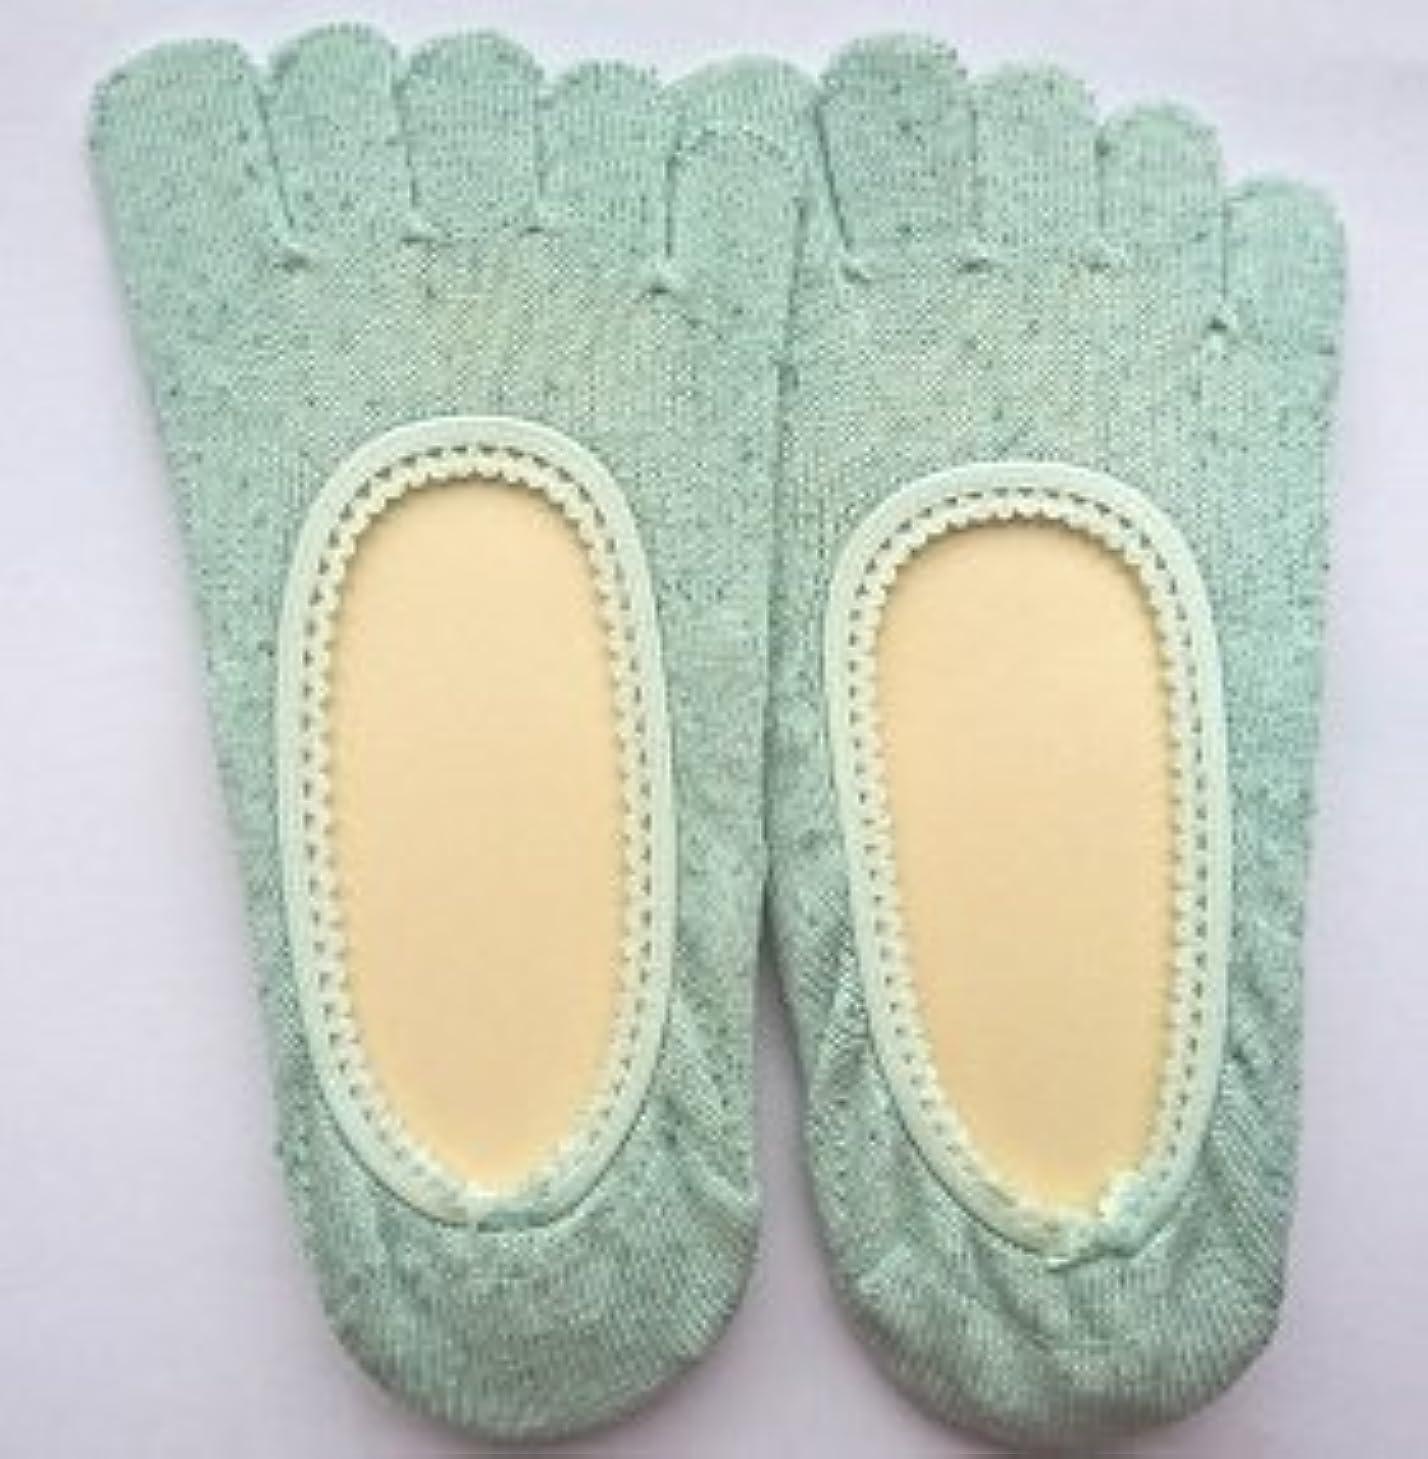 在庫処分 かかと ツルツル 靴下 5本指 カバー ネップ調 2足組 23-25cm カサカサ 解消 グリーン 太陽ニット 999